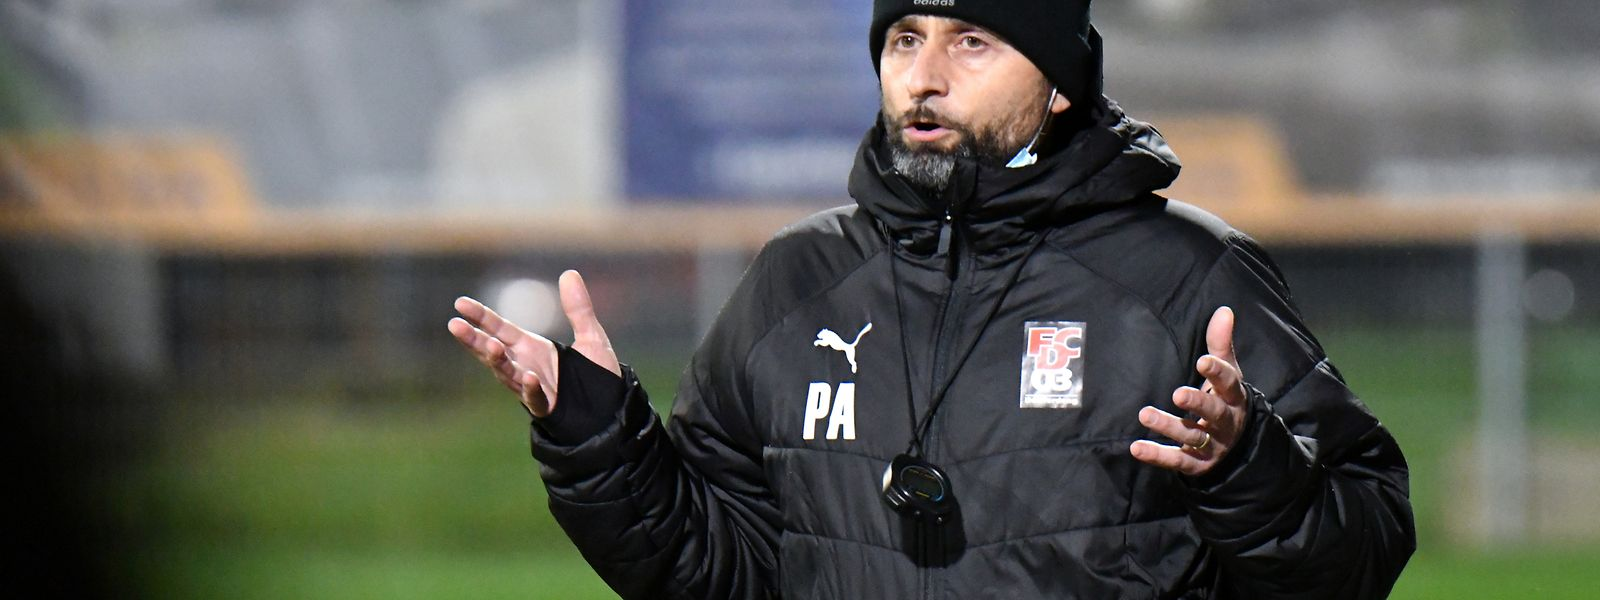 Paolo Amodio stand zwei Jahre in Differdingen in der Verantwortung.